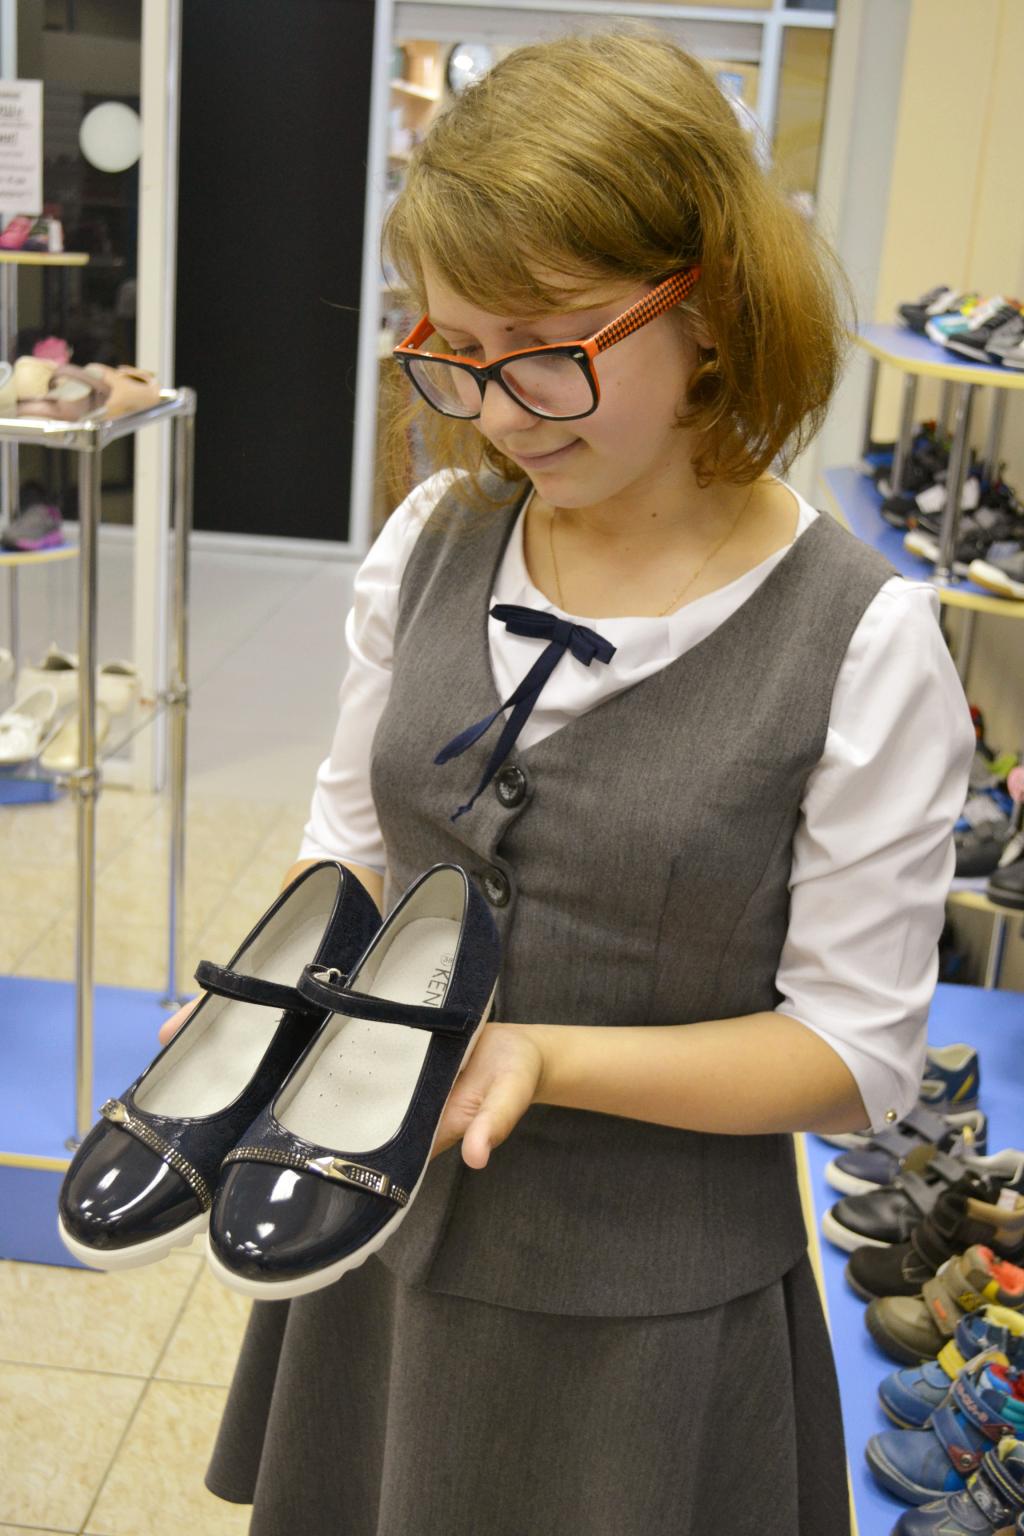 16b6c1244 Но в конце августа многие сталкиваются с проблемой — уже нет нужных размеров  детской обуви.